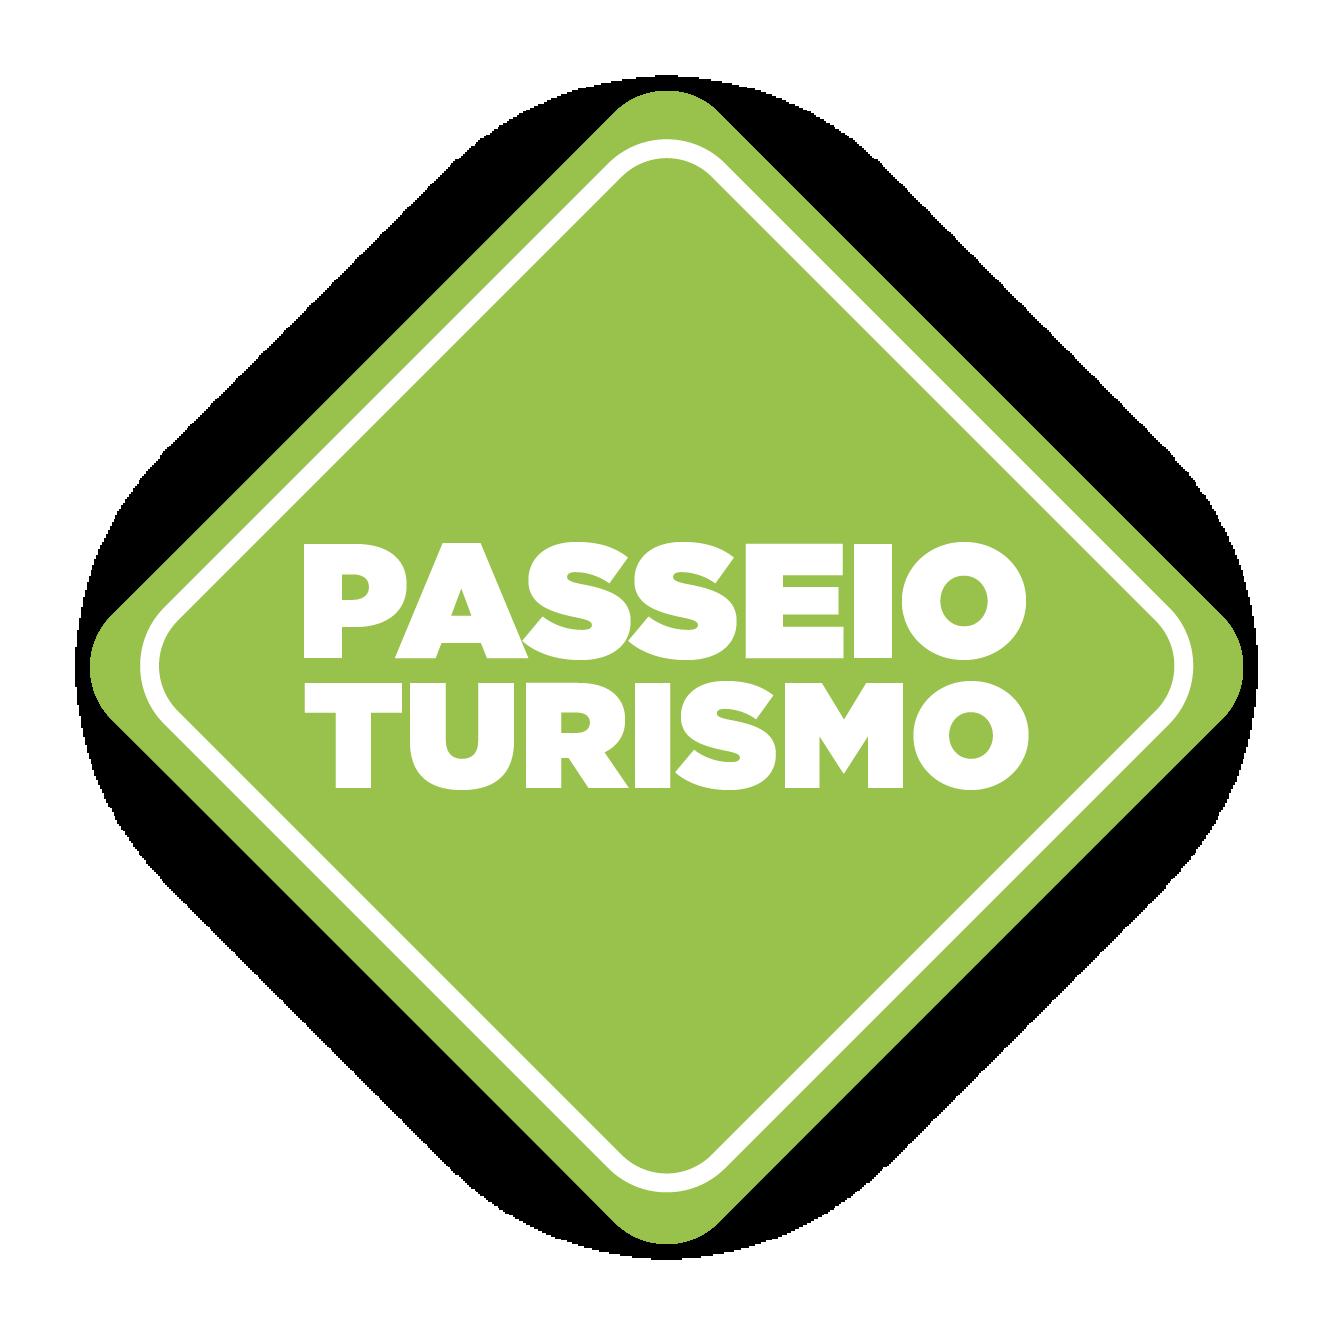 LOGO PASSEIO TURISMO